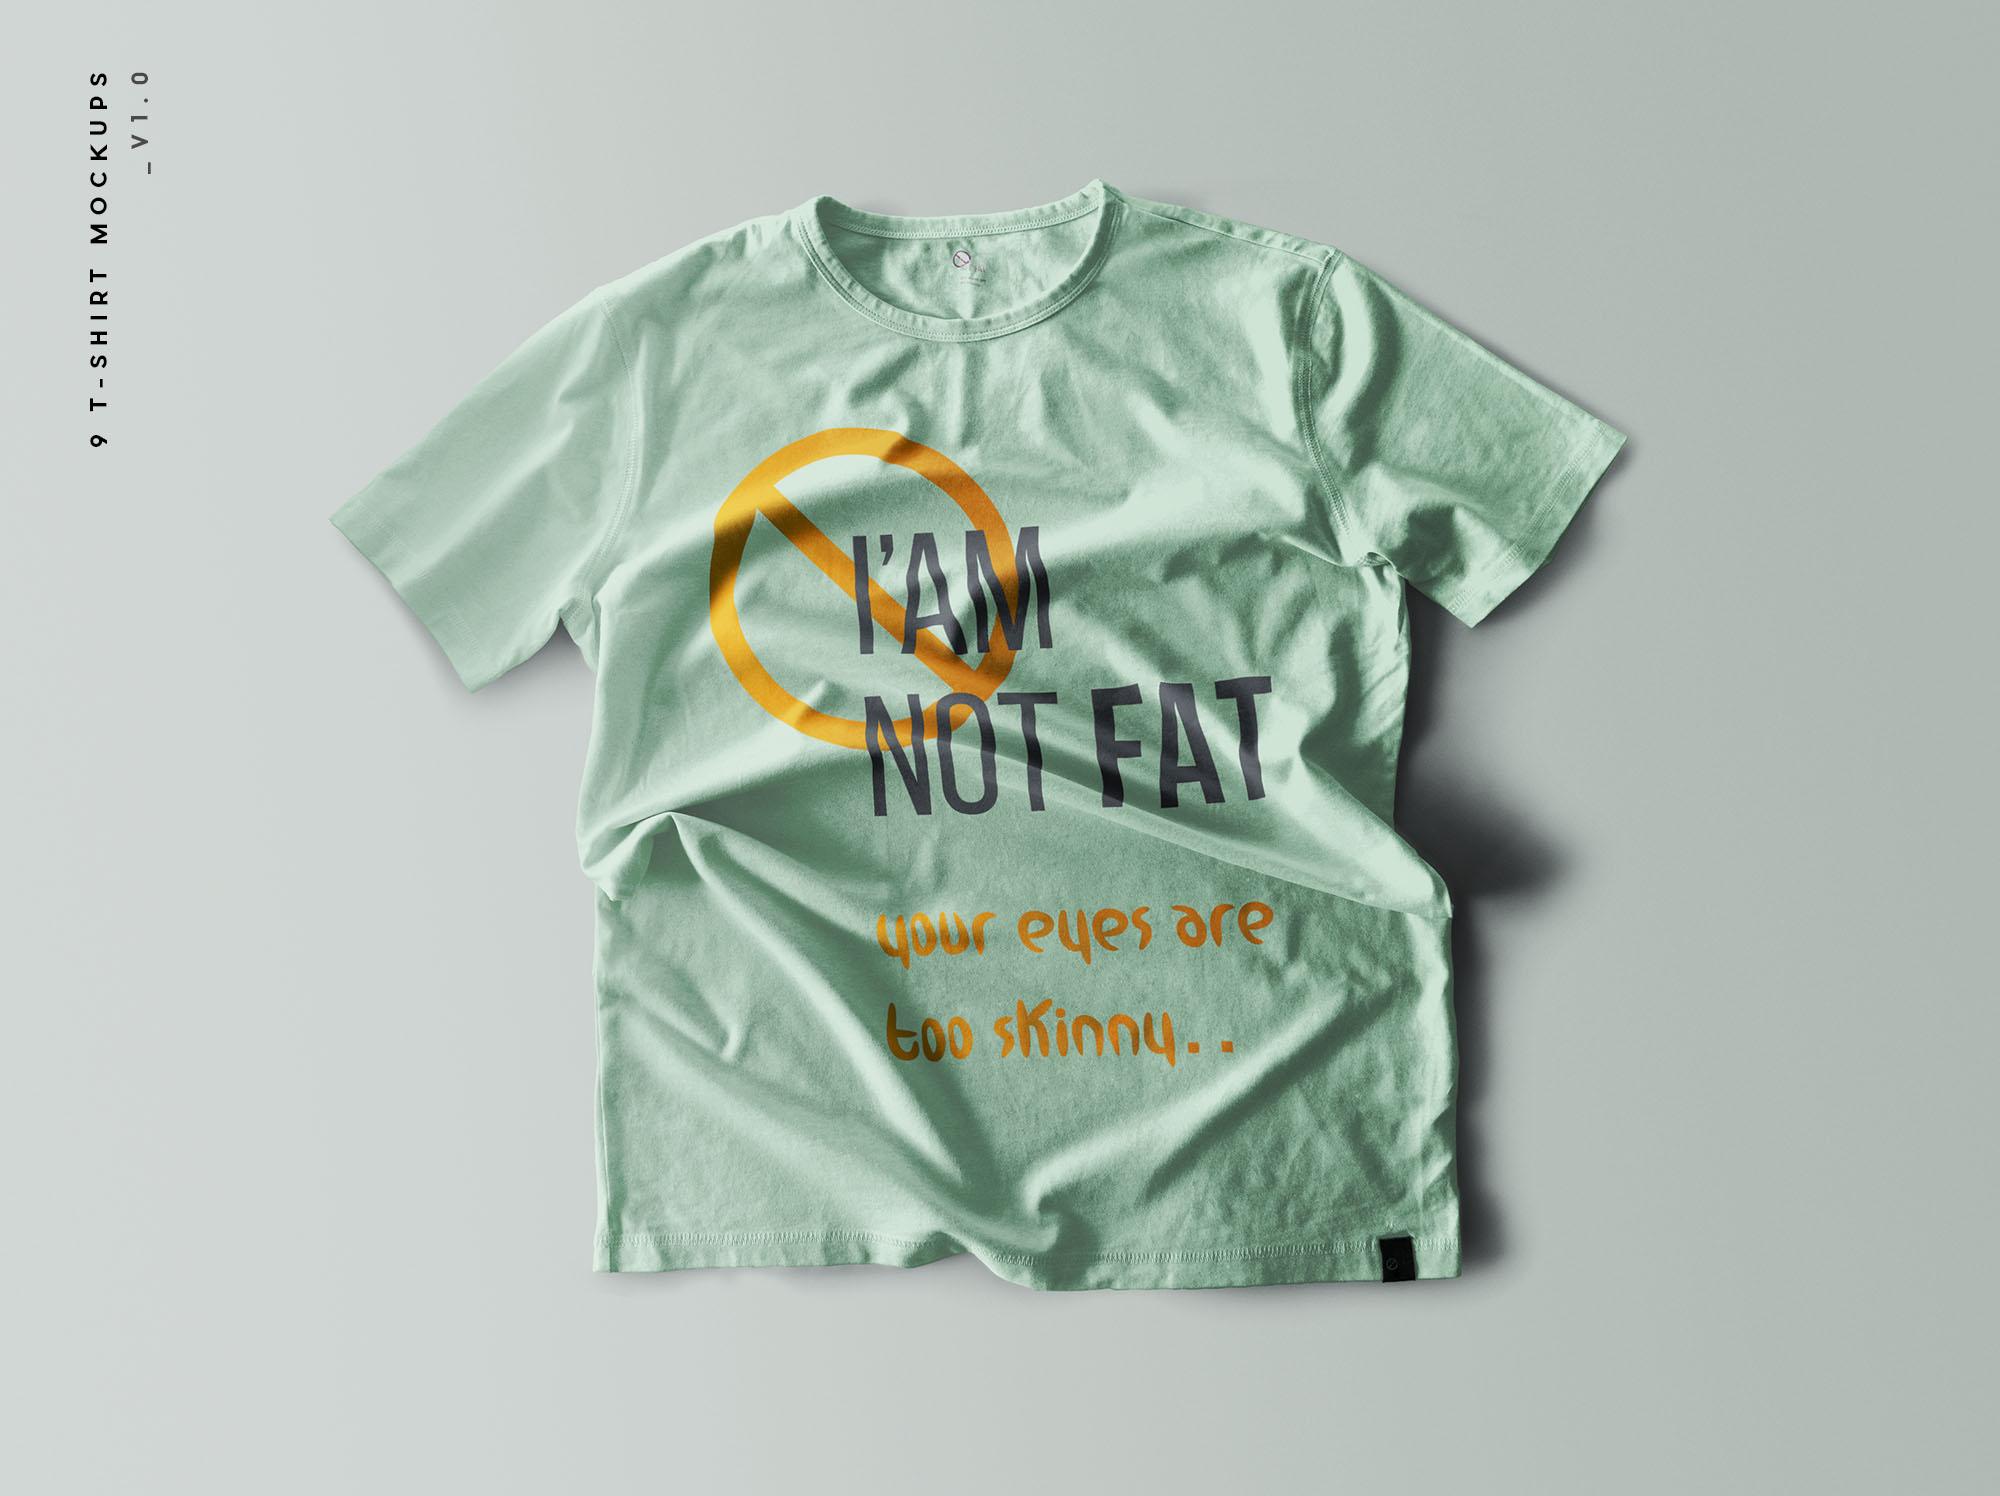 逼真质感的T恤服装设计VI样机展示模型mockupsMockups模板,编号:82629170